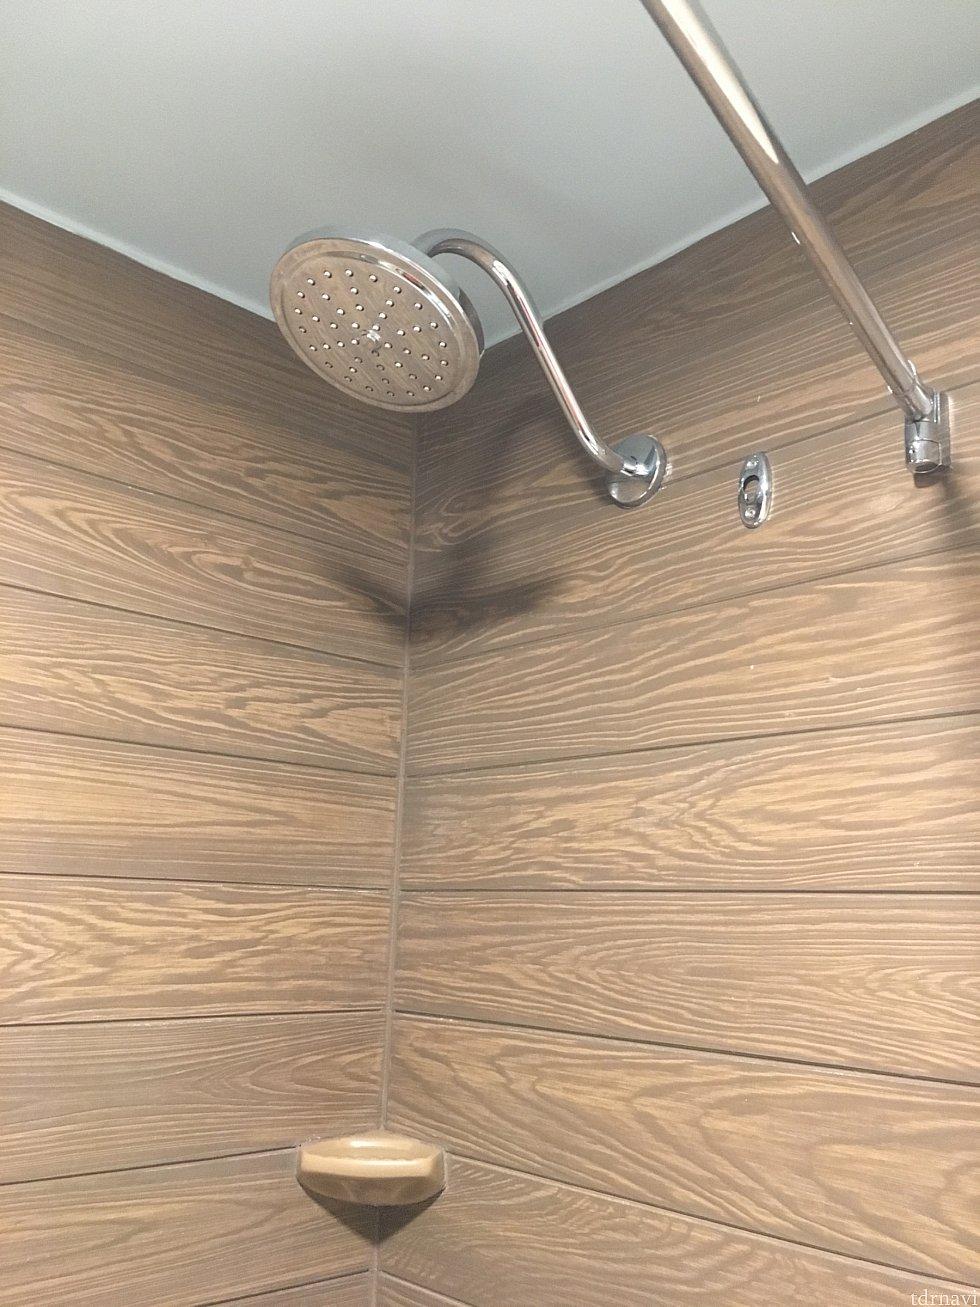 シャワーヘッドは固定式。 水圧が残念でした(^◇^;)